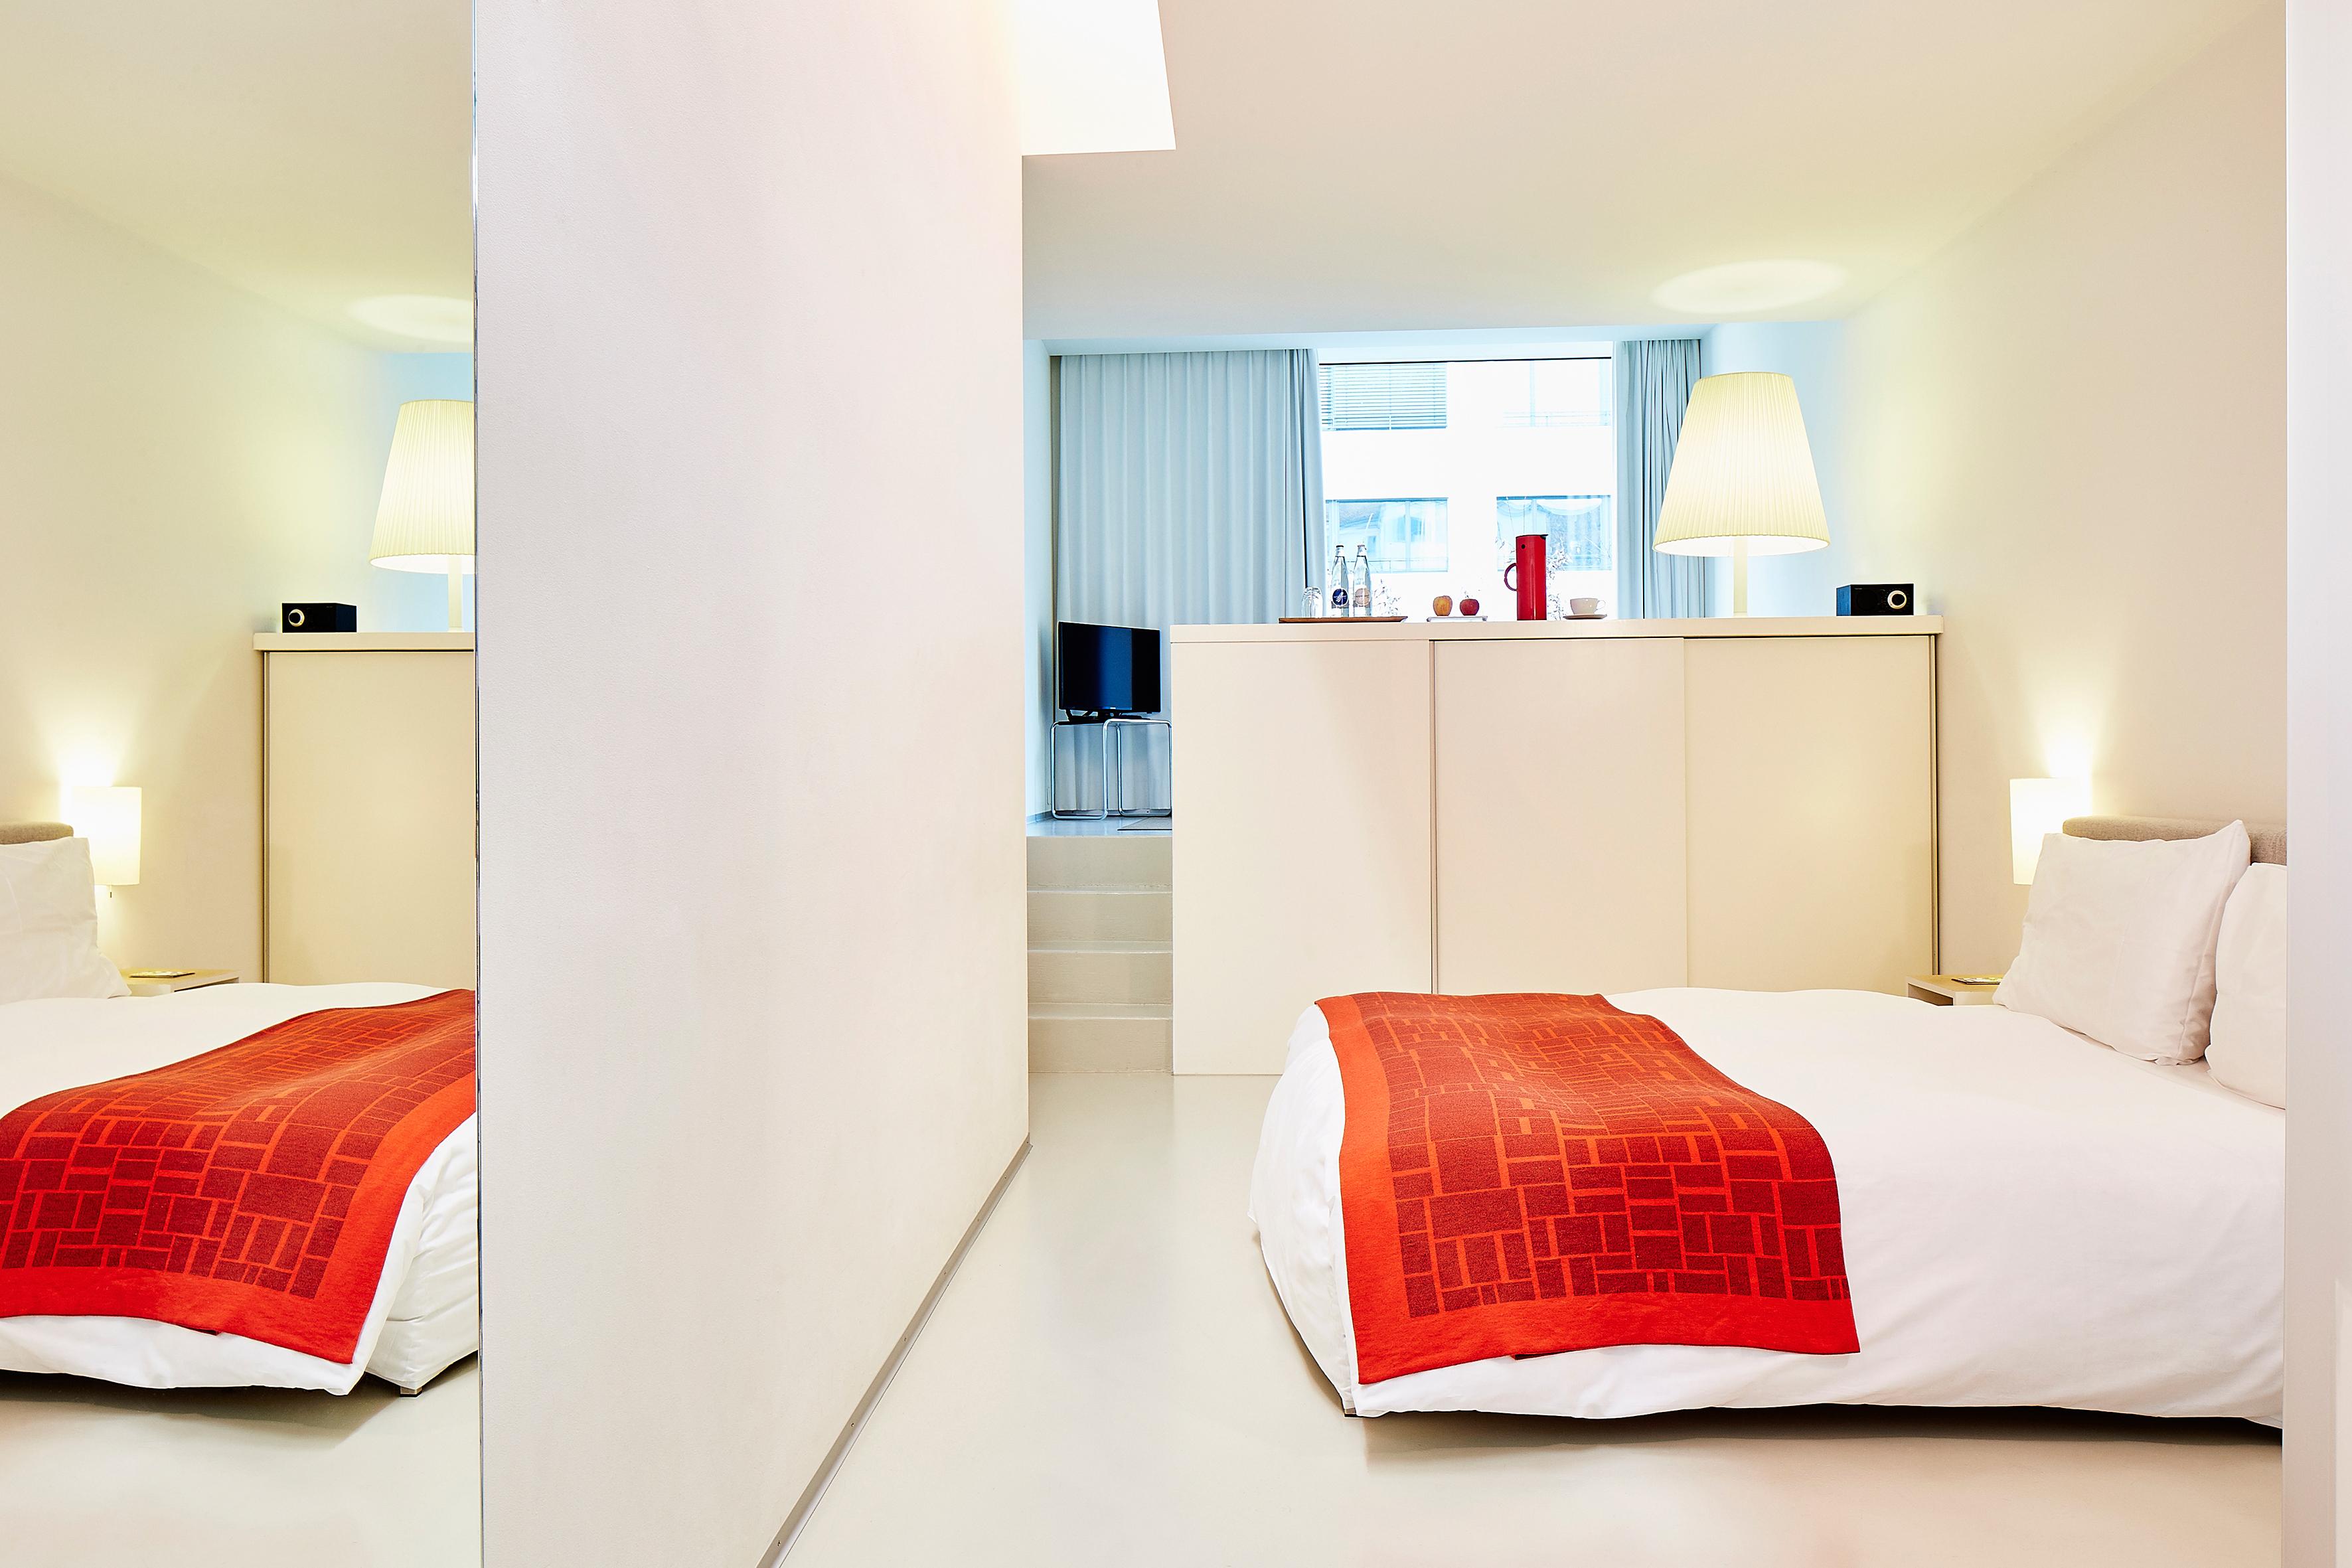 Medien greulich design lifestyle hotel for Design hotel schweiz